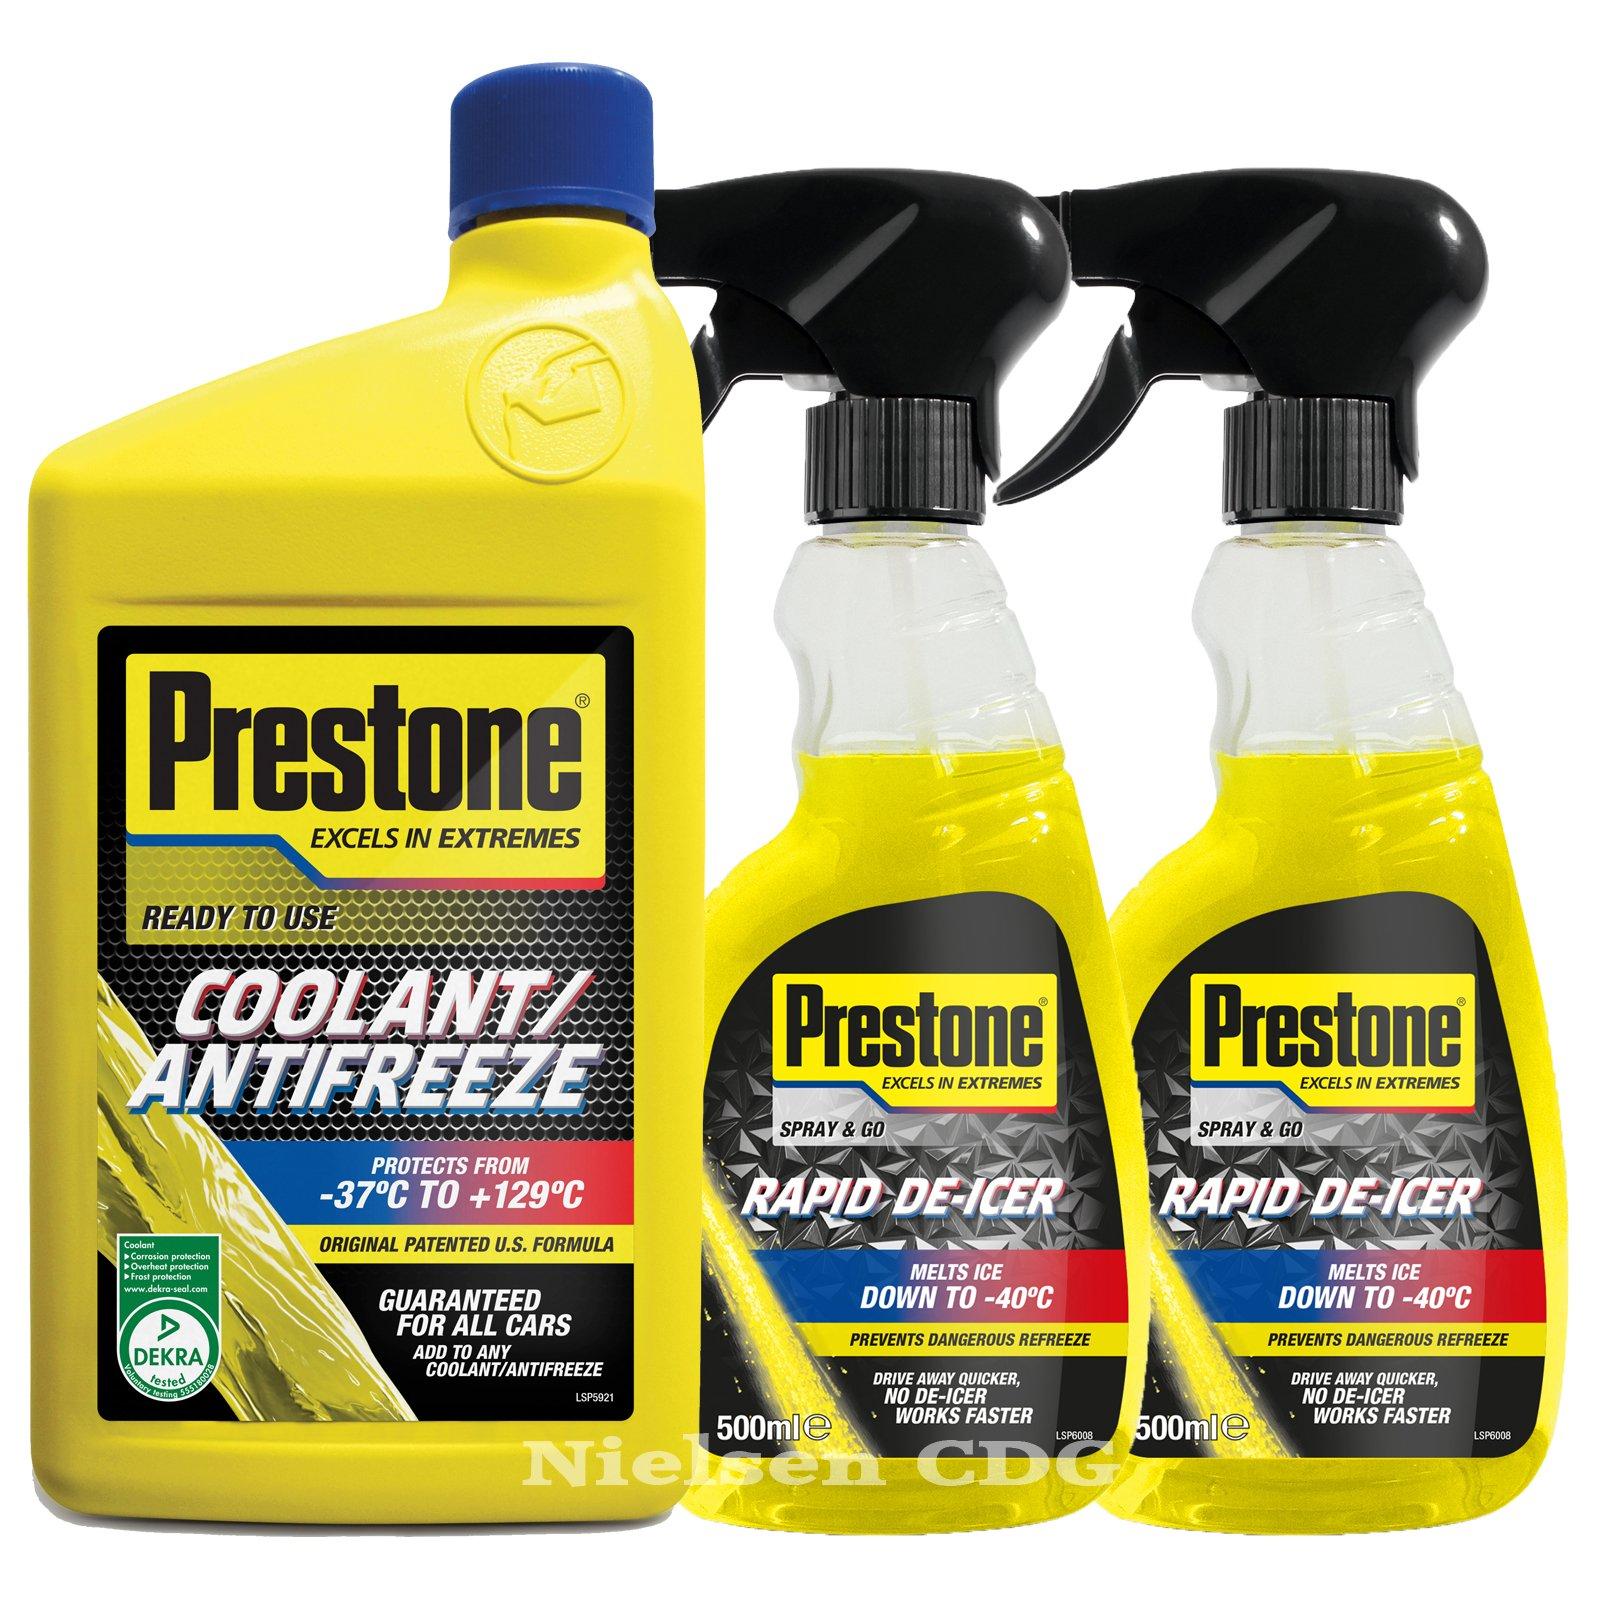 Prestone Líquido listo mezcla anticongelante refrigerante 1L + disparador de Prestone Líquido anticongelante 500 ml X2: Amazon.es: Coche y moto